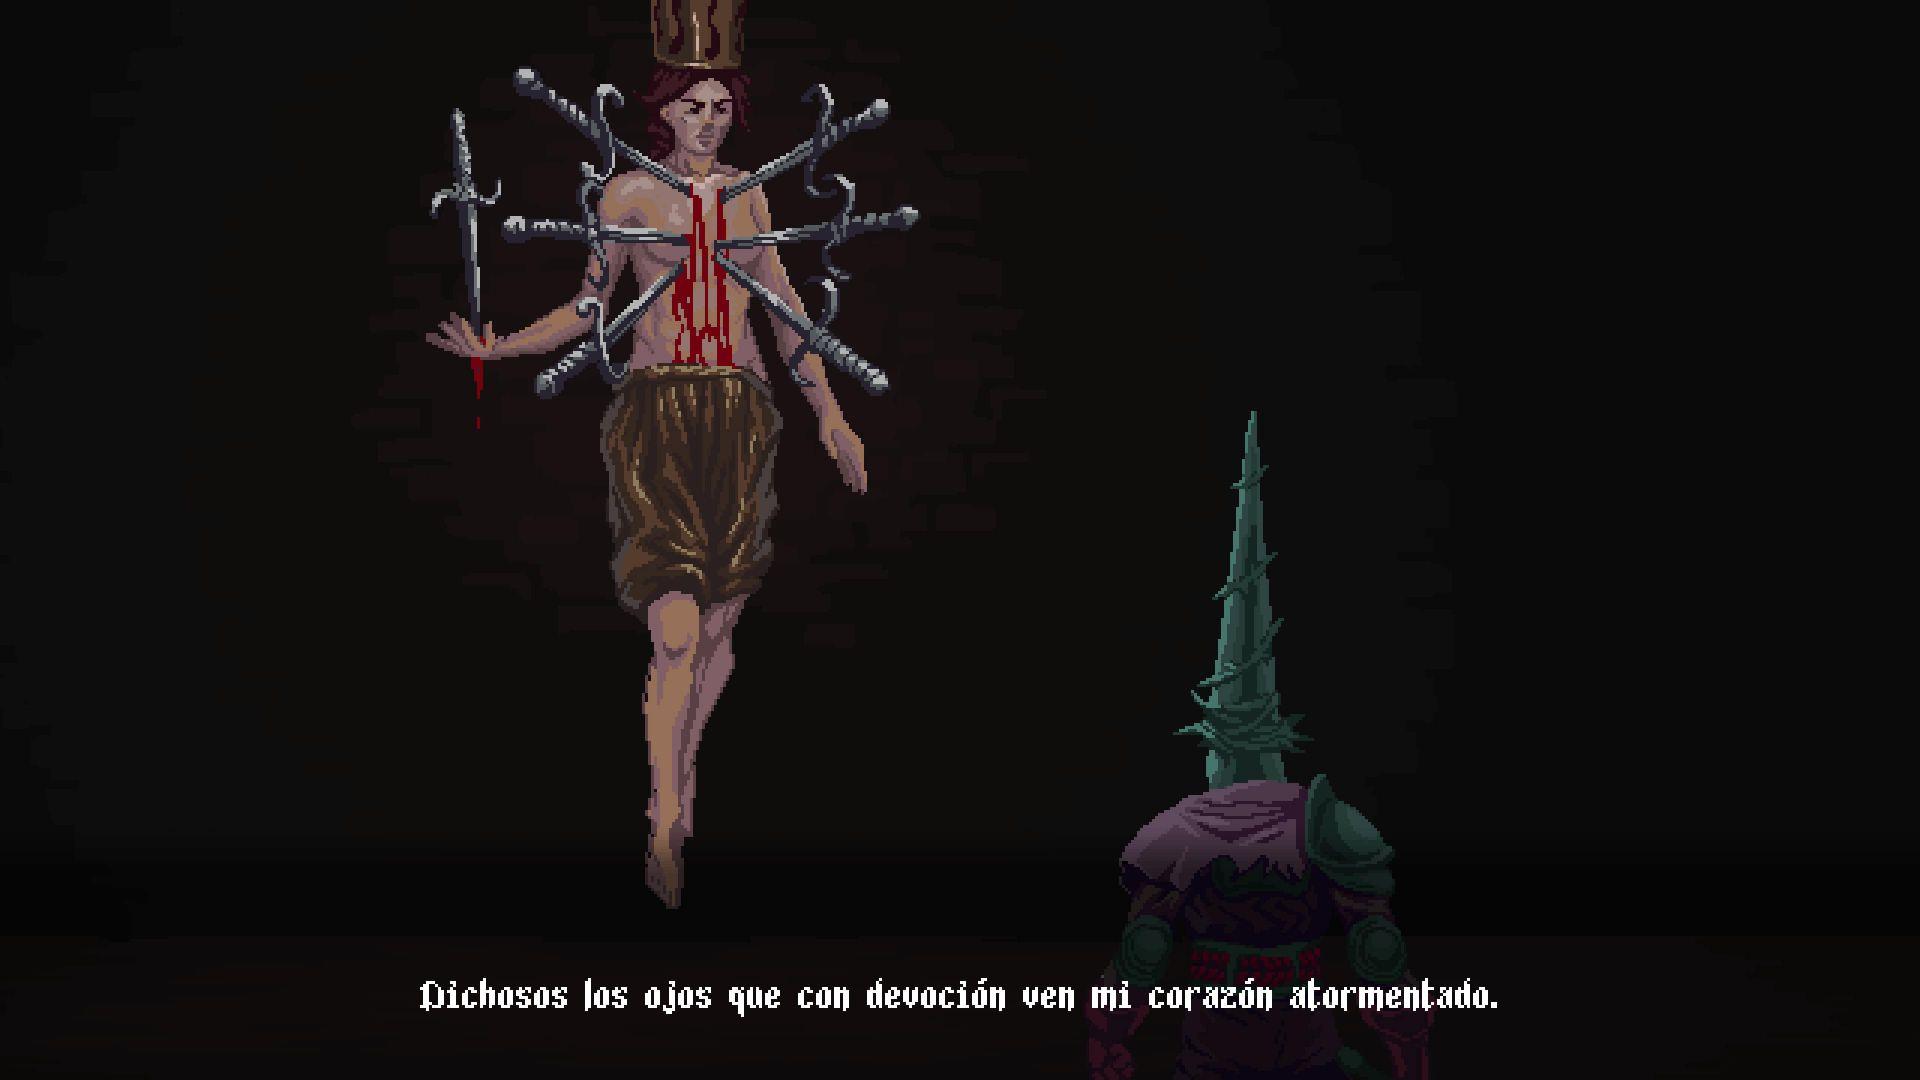 Análisis de Blasphemous - Analizamos Blasphemous, un exigente Metroidvania que explota los mitos y el folclore andaluces, así como la pintura romántica y arquitectura sacra.